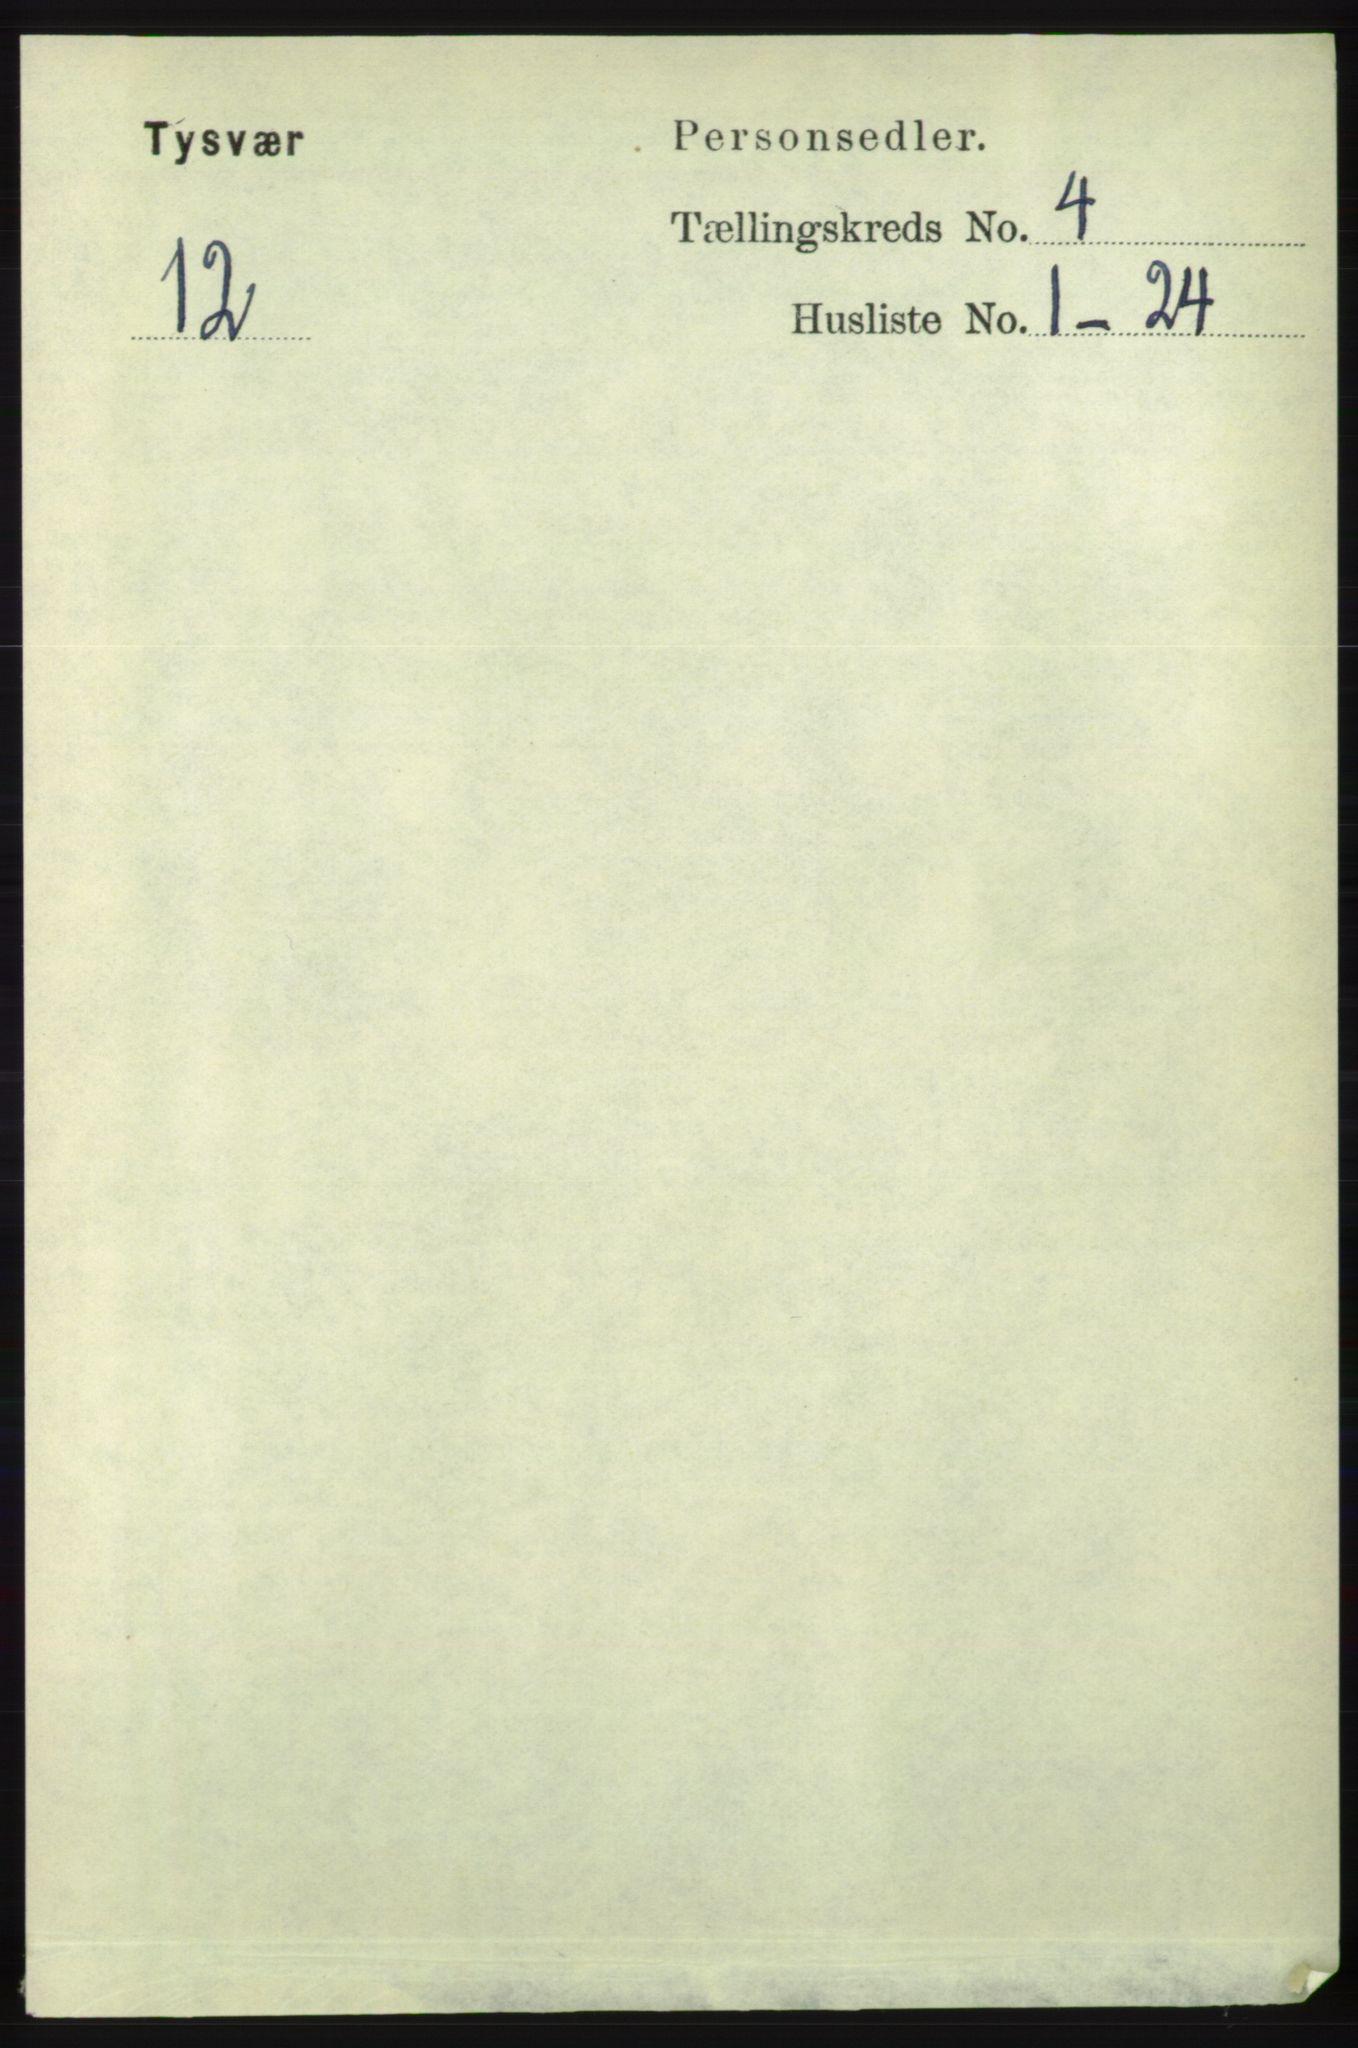 RA, Folketelling 1891 for 1146 Tysvær herred, 1891, s. 1510